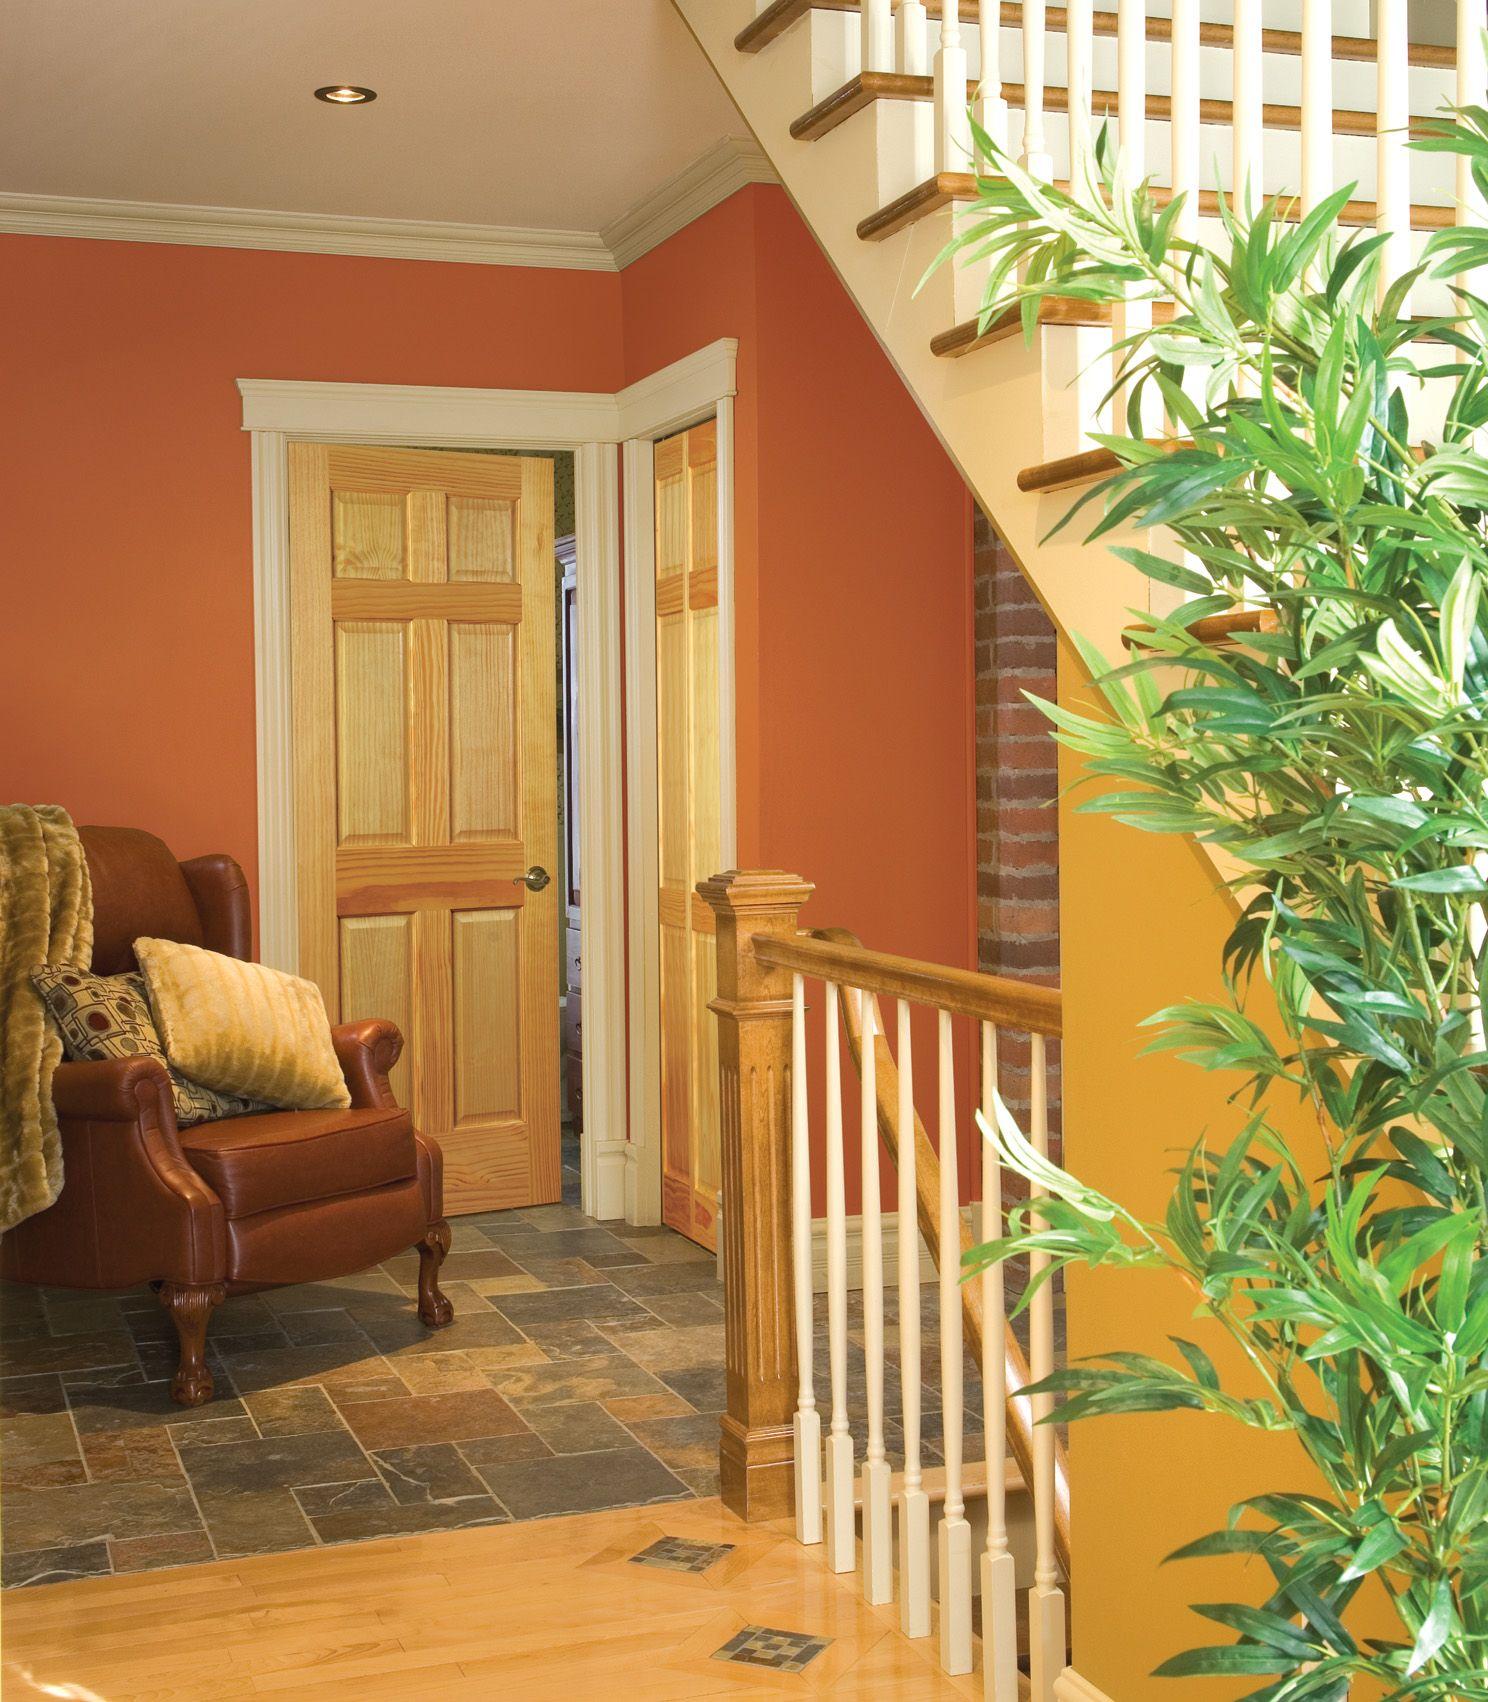 { 6 Panel Pine Interior Door } #forthehome #diy #remodel #homes #dreamhome #doorbuy #homeimprovement #pine